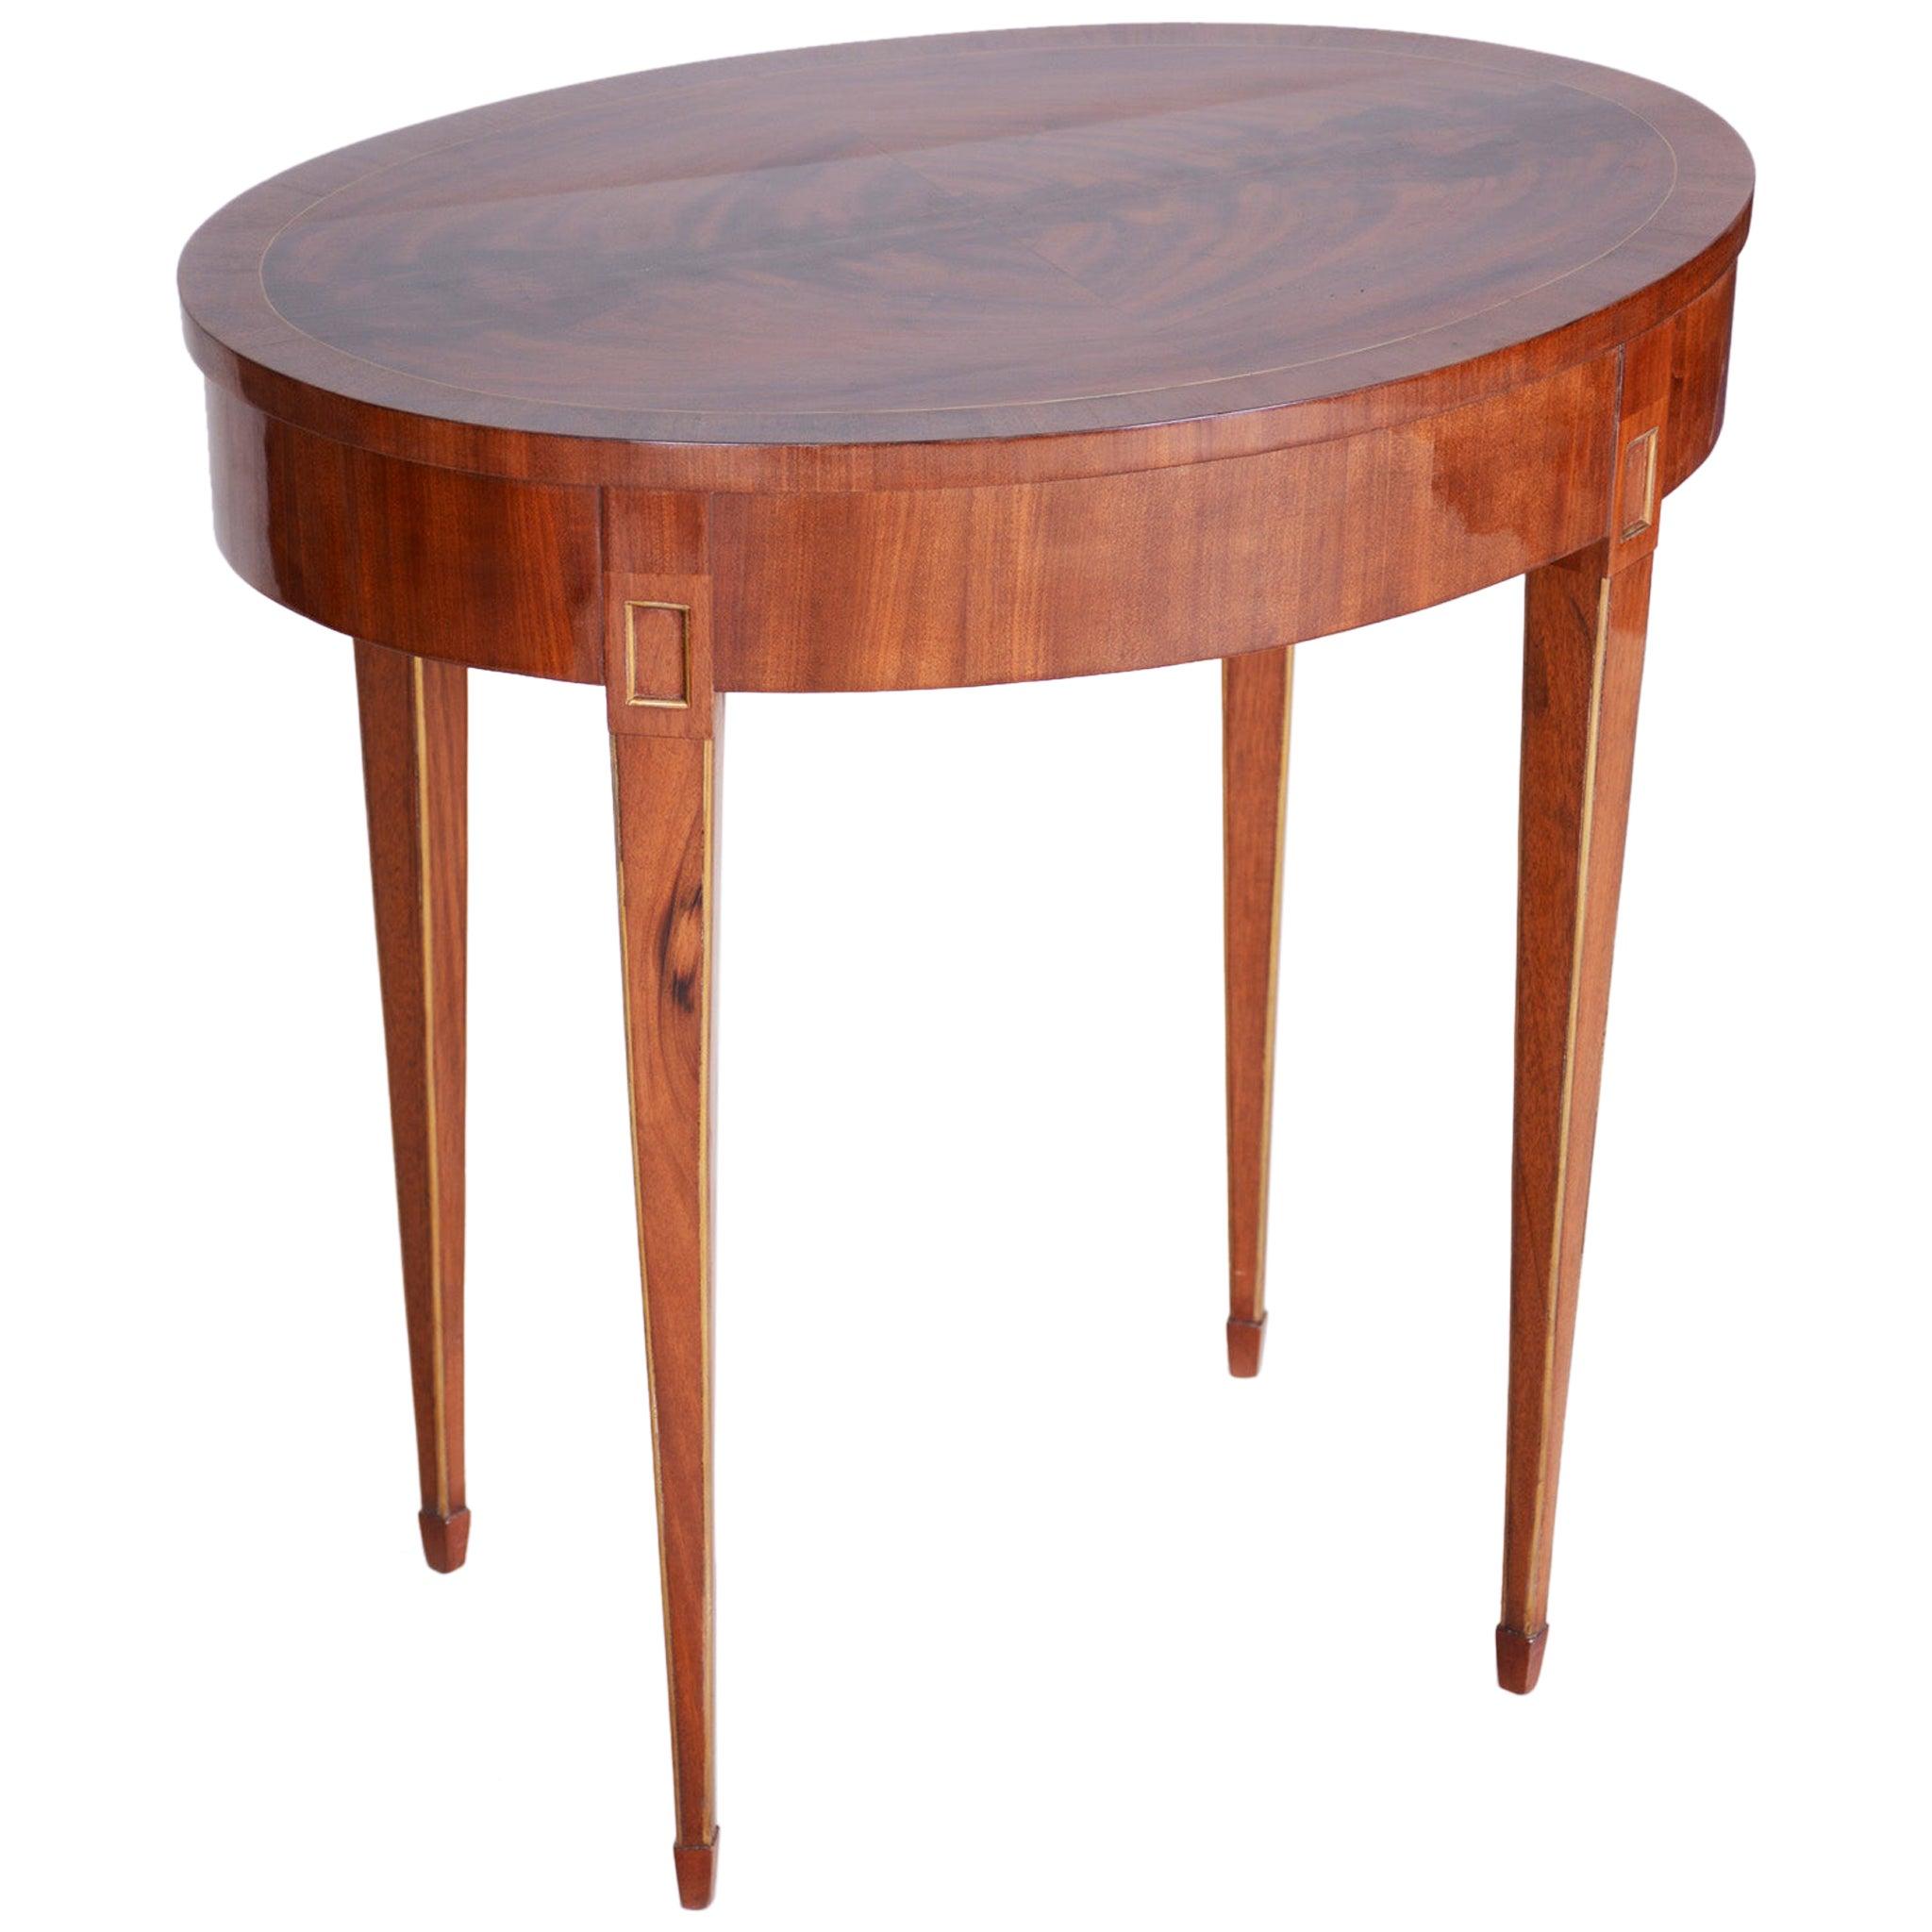 Small Mahogany Biedermeier Oval Table, France 1820-1829, Shellac Polished